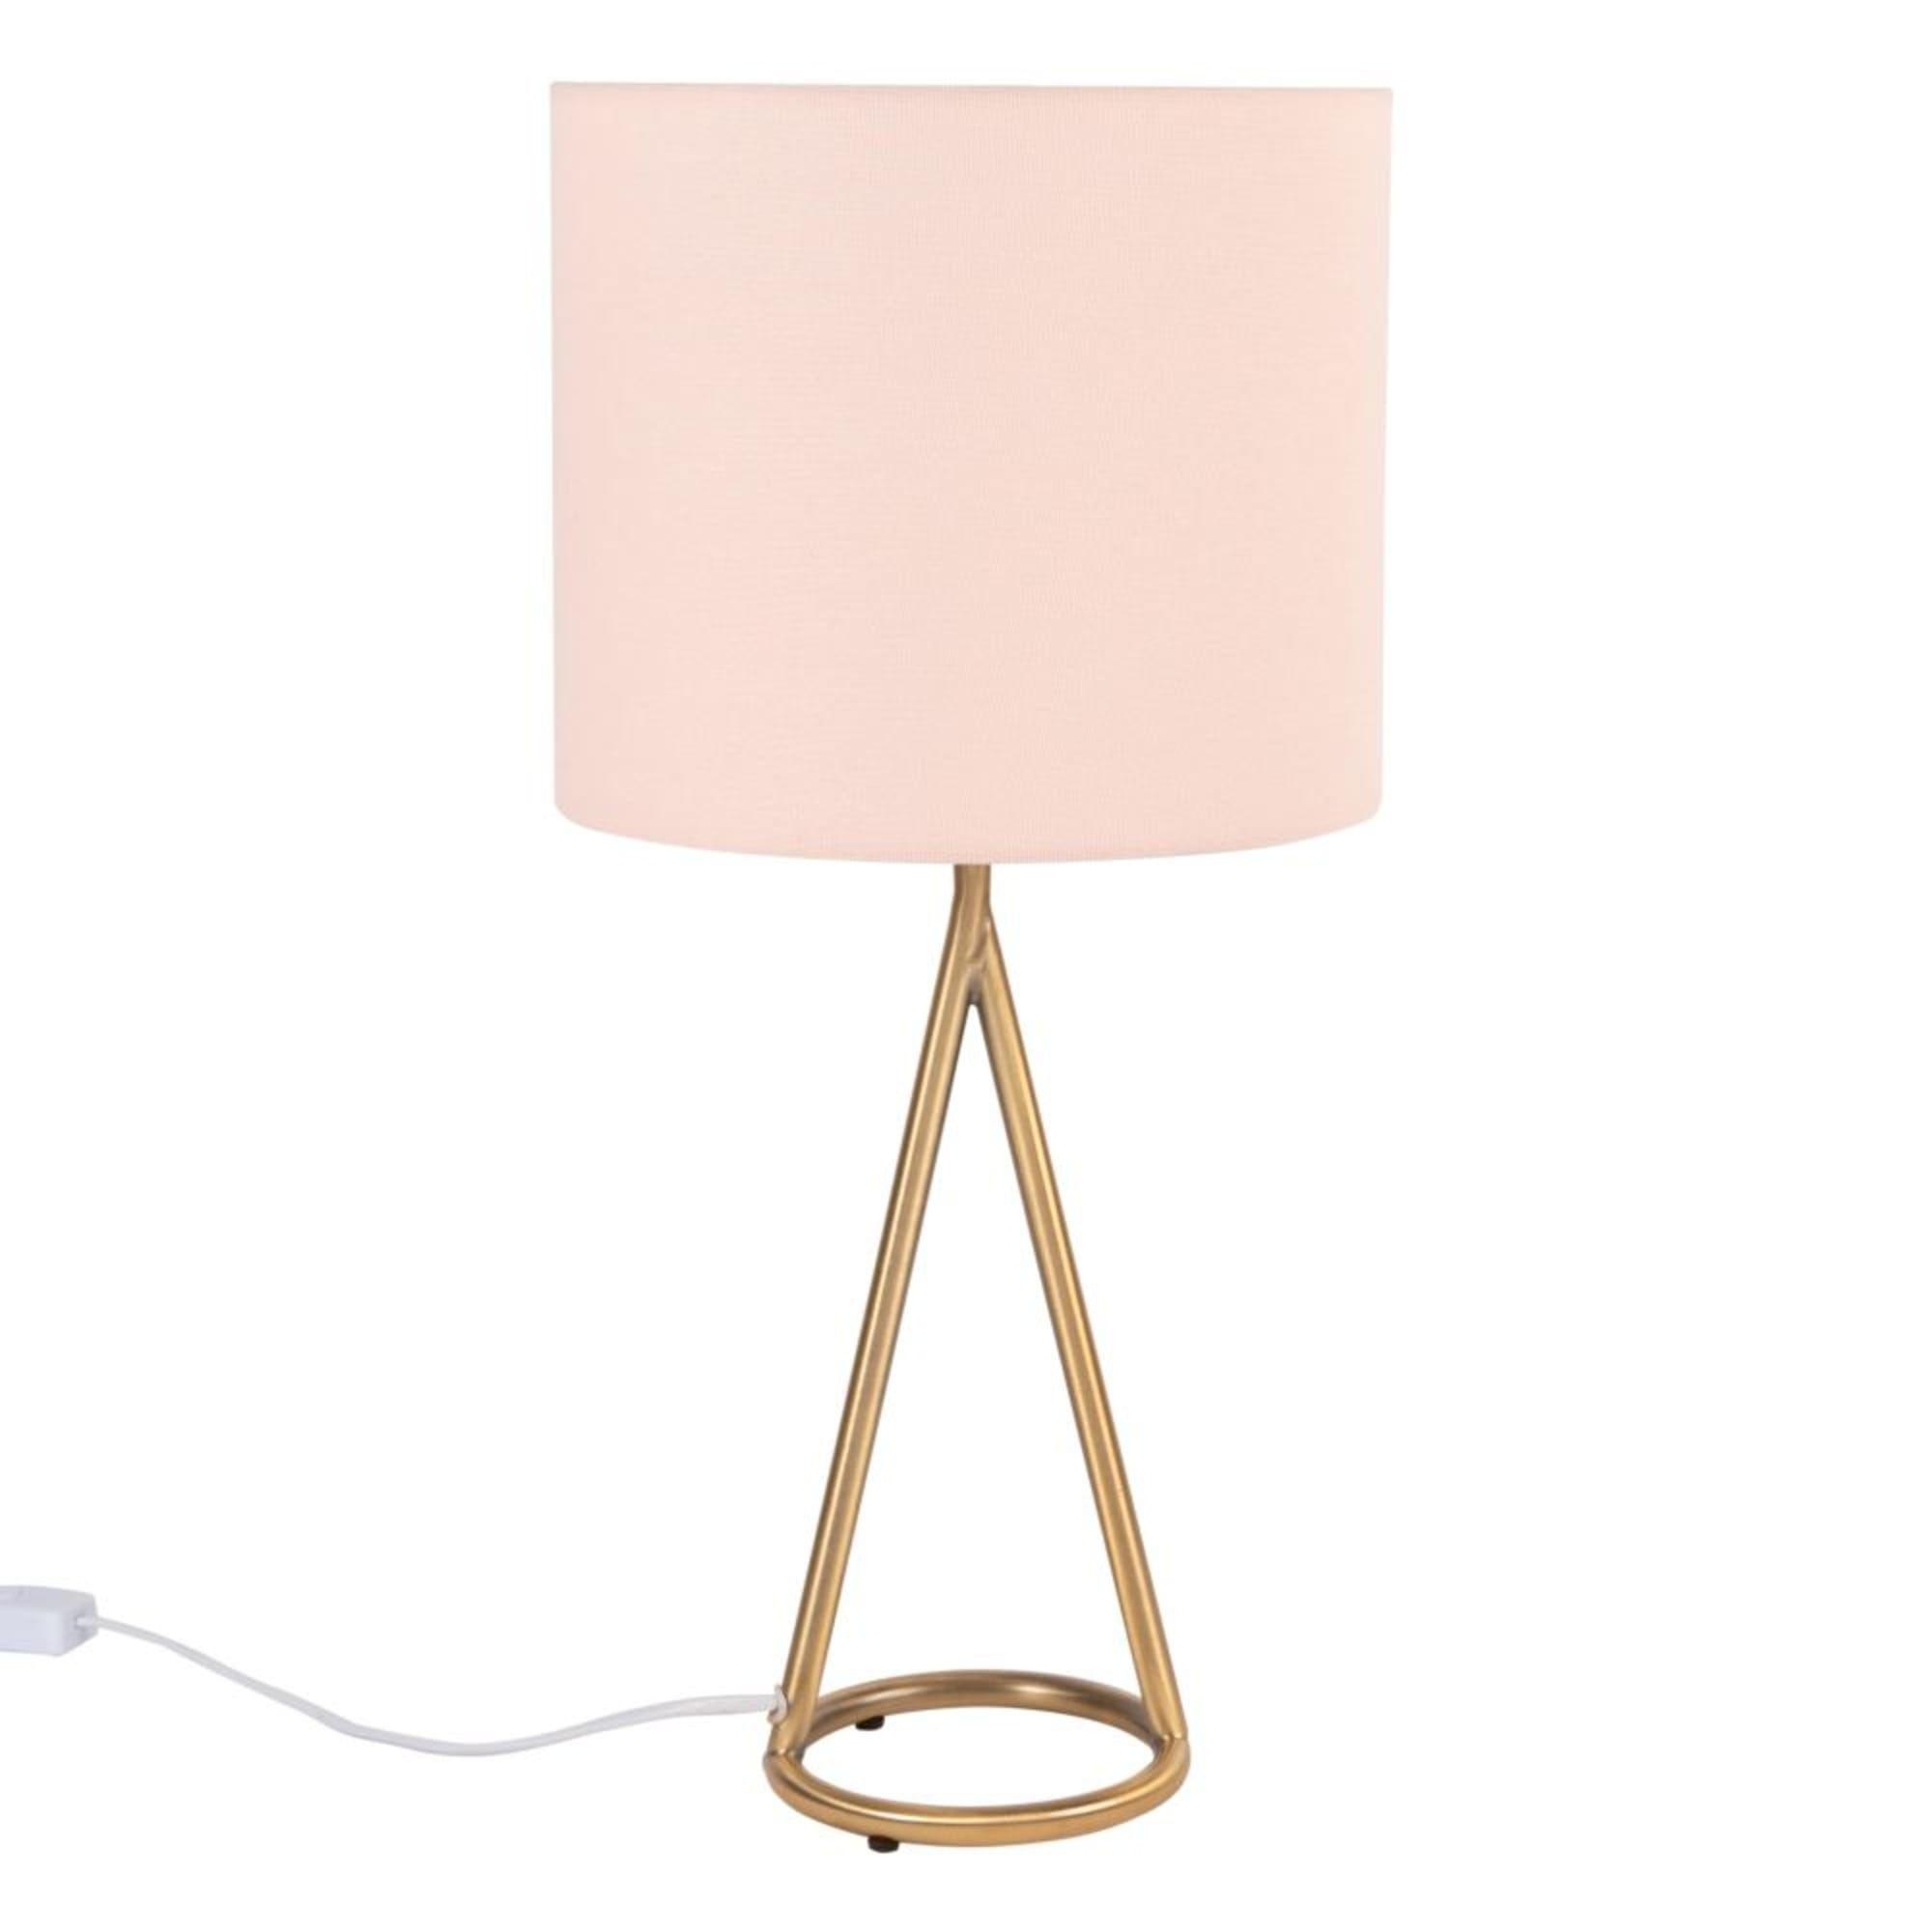 Lampe En Metal Dore Et Abat Jour Rose Poudre Maisons Du Monde En 2020 Abat Jour Abat Jour Rose Lampe